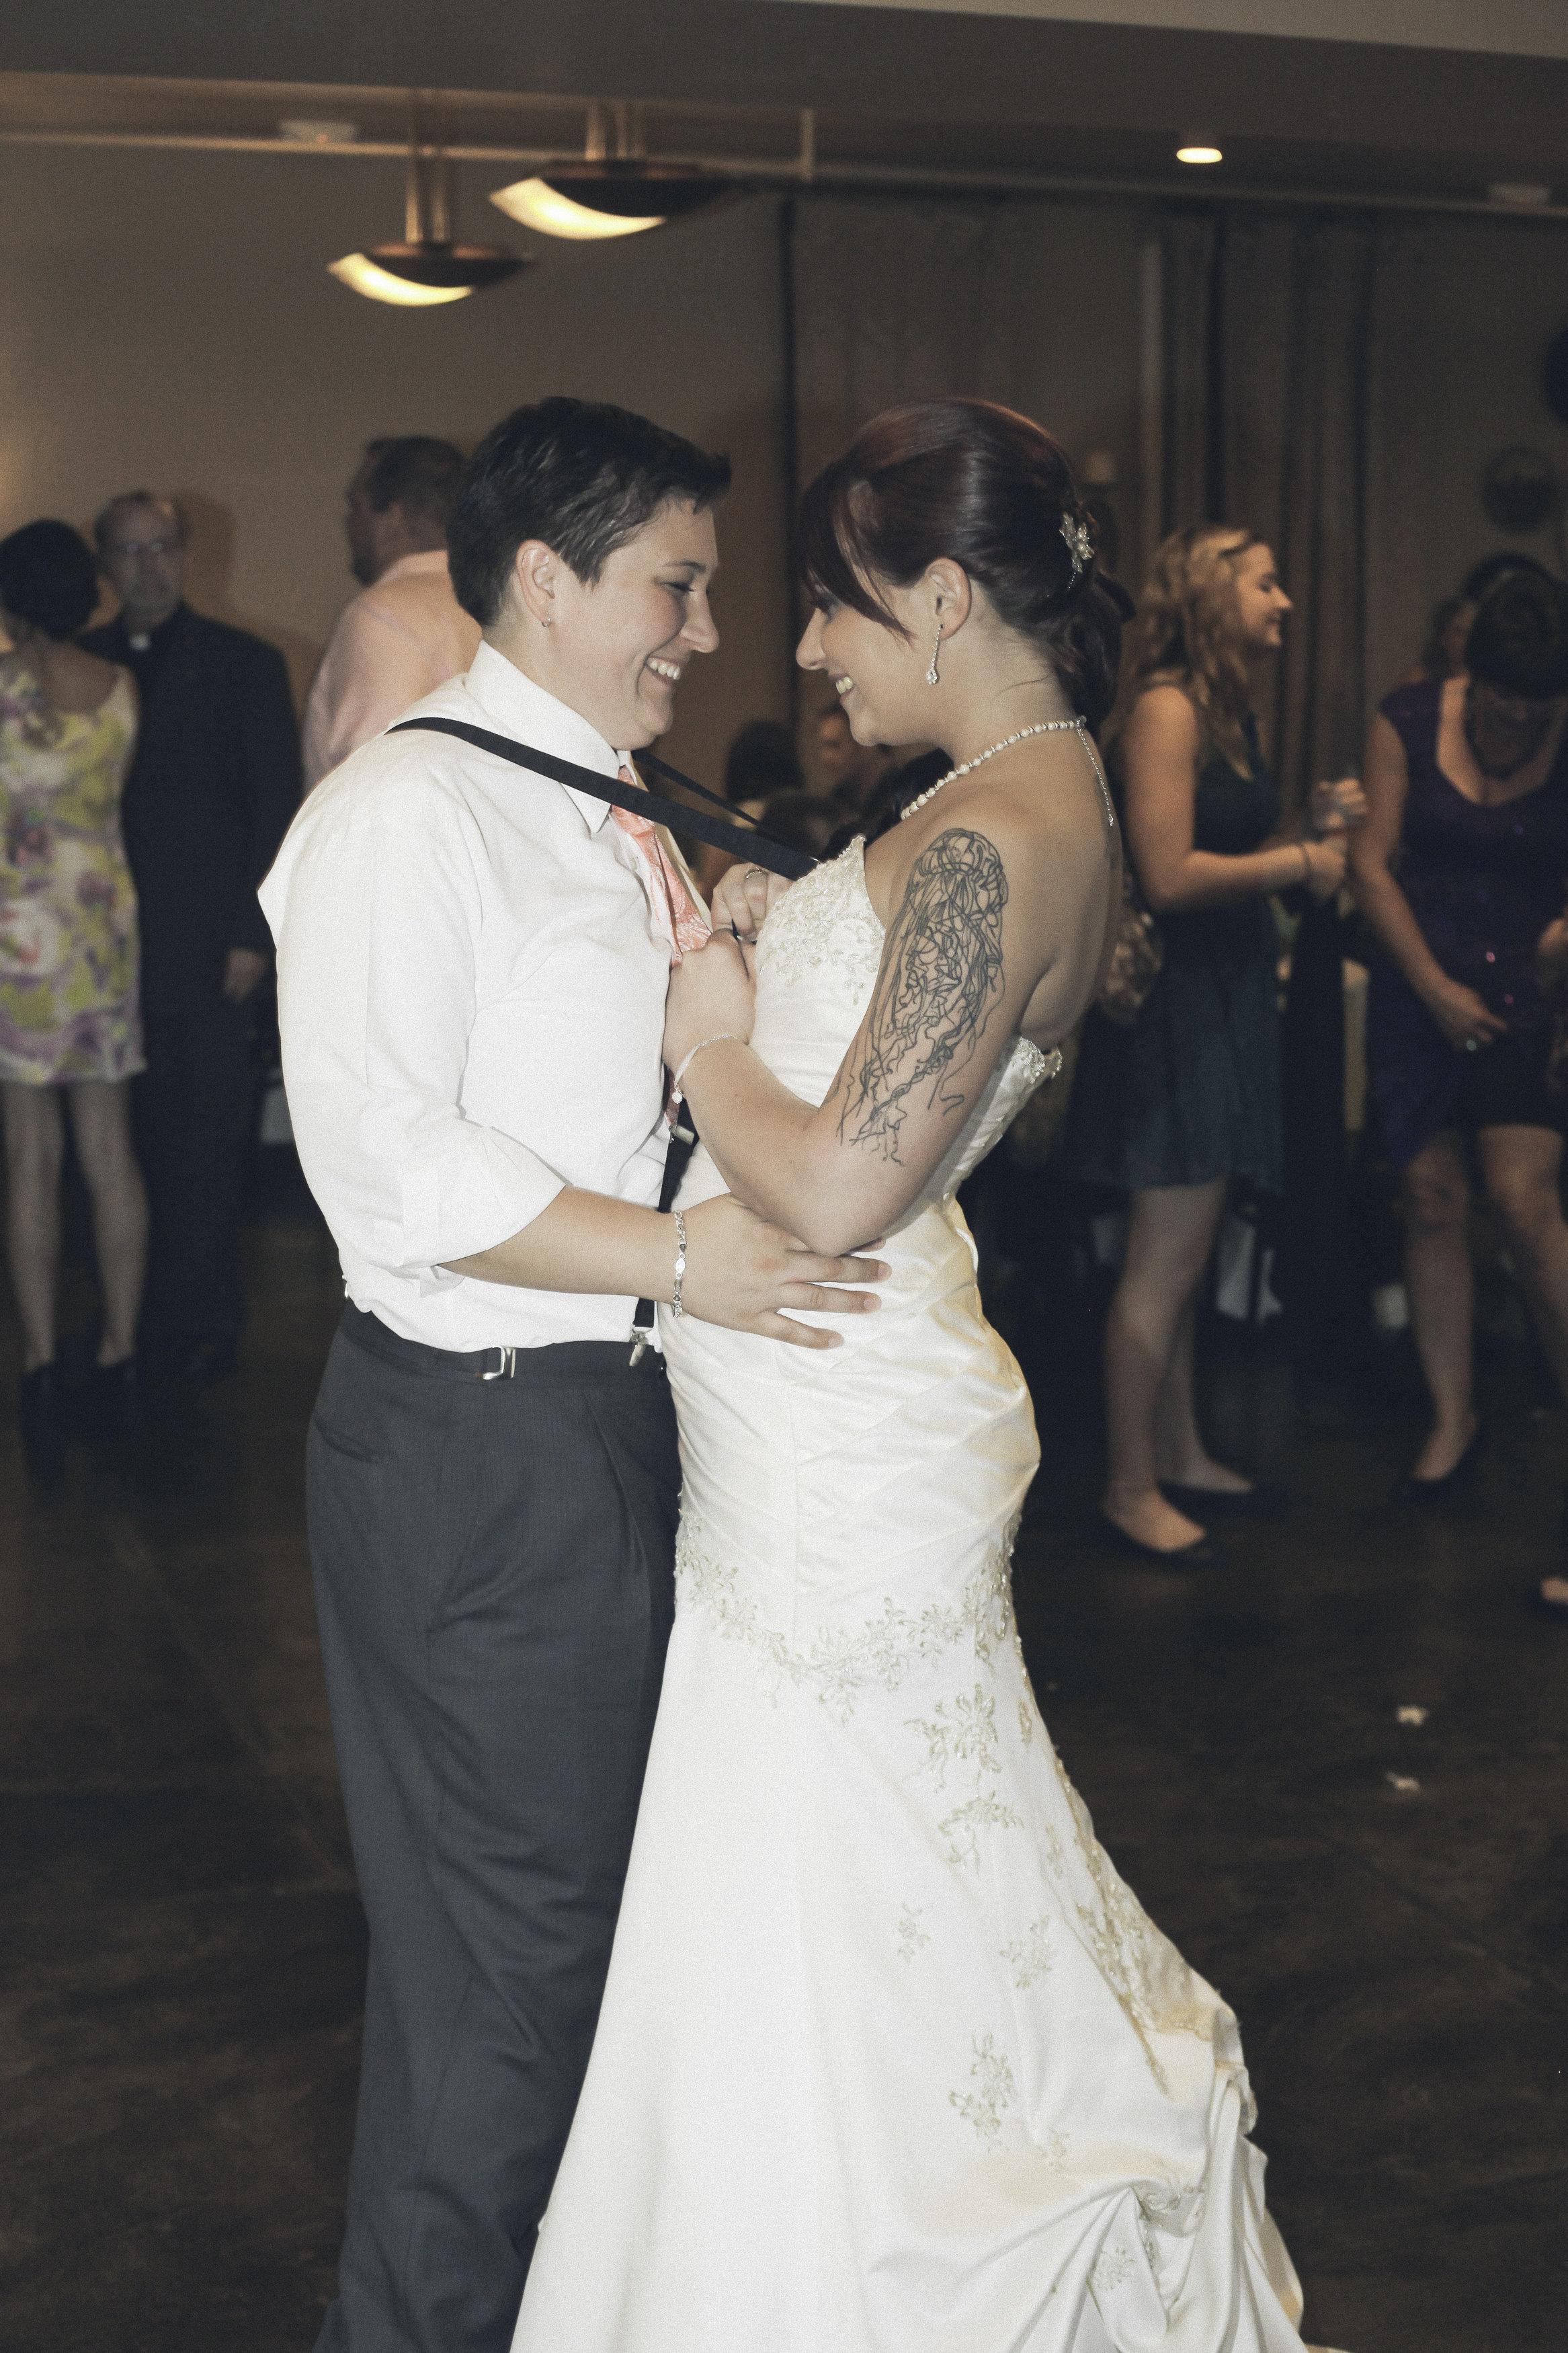 Devon Sara Married-Devon Sara-0150.jpg